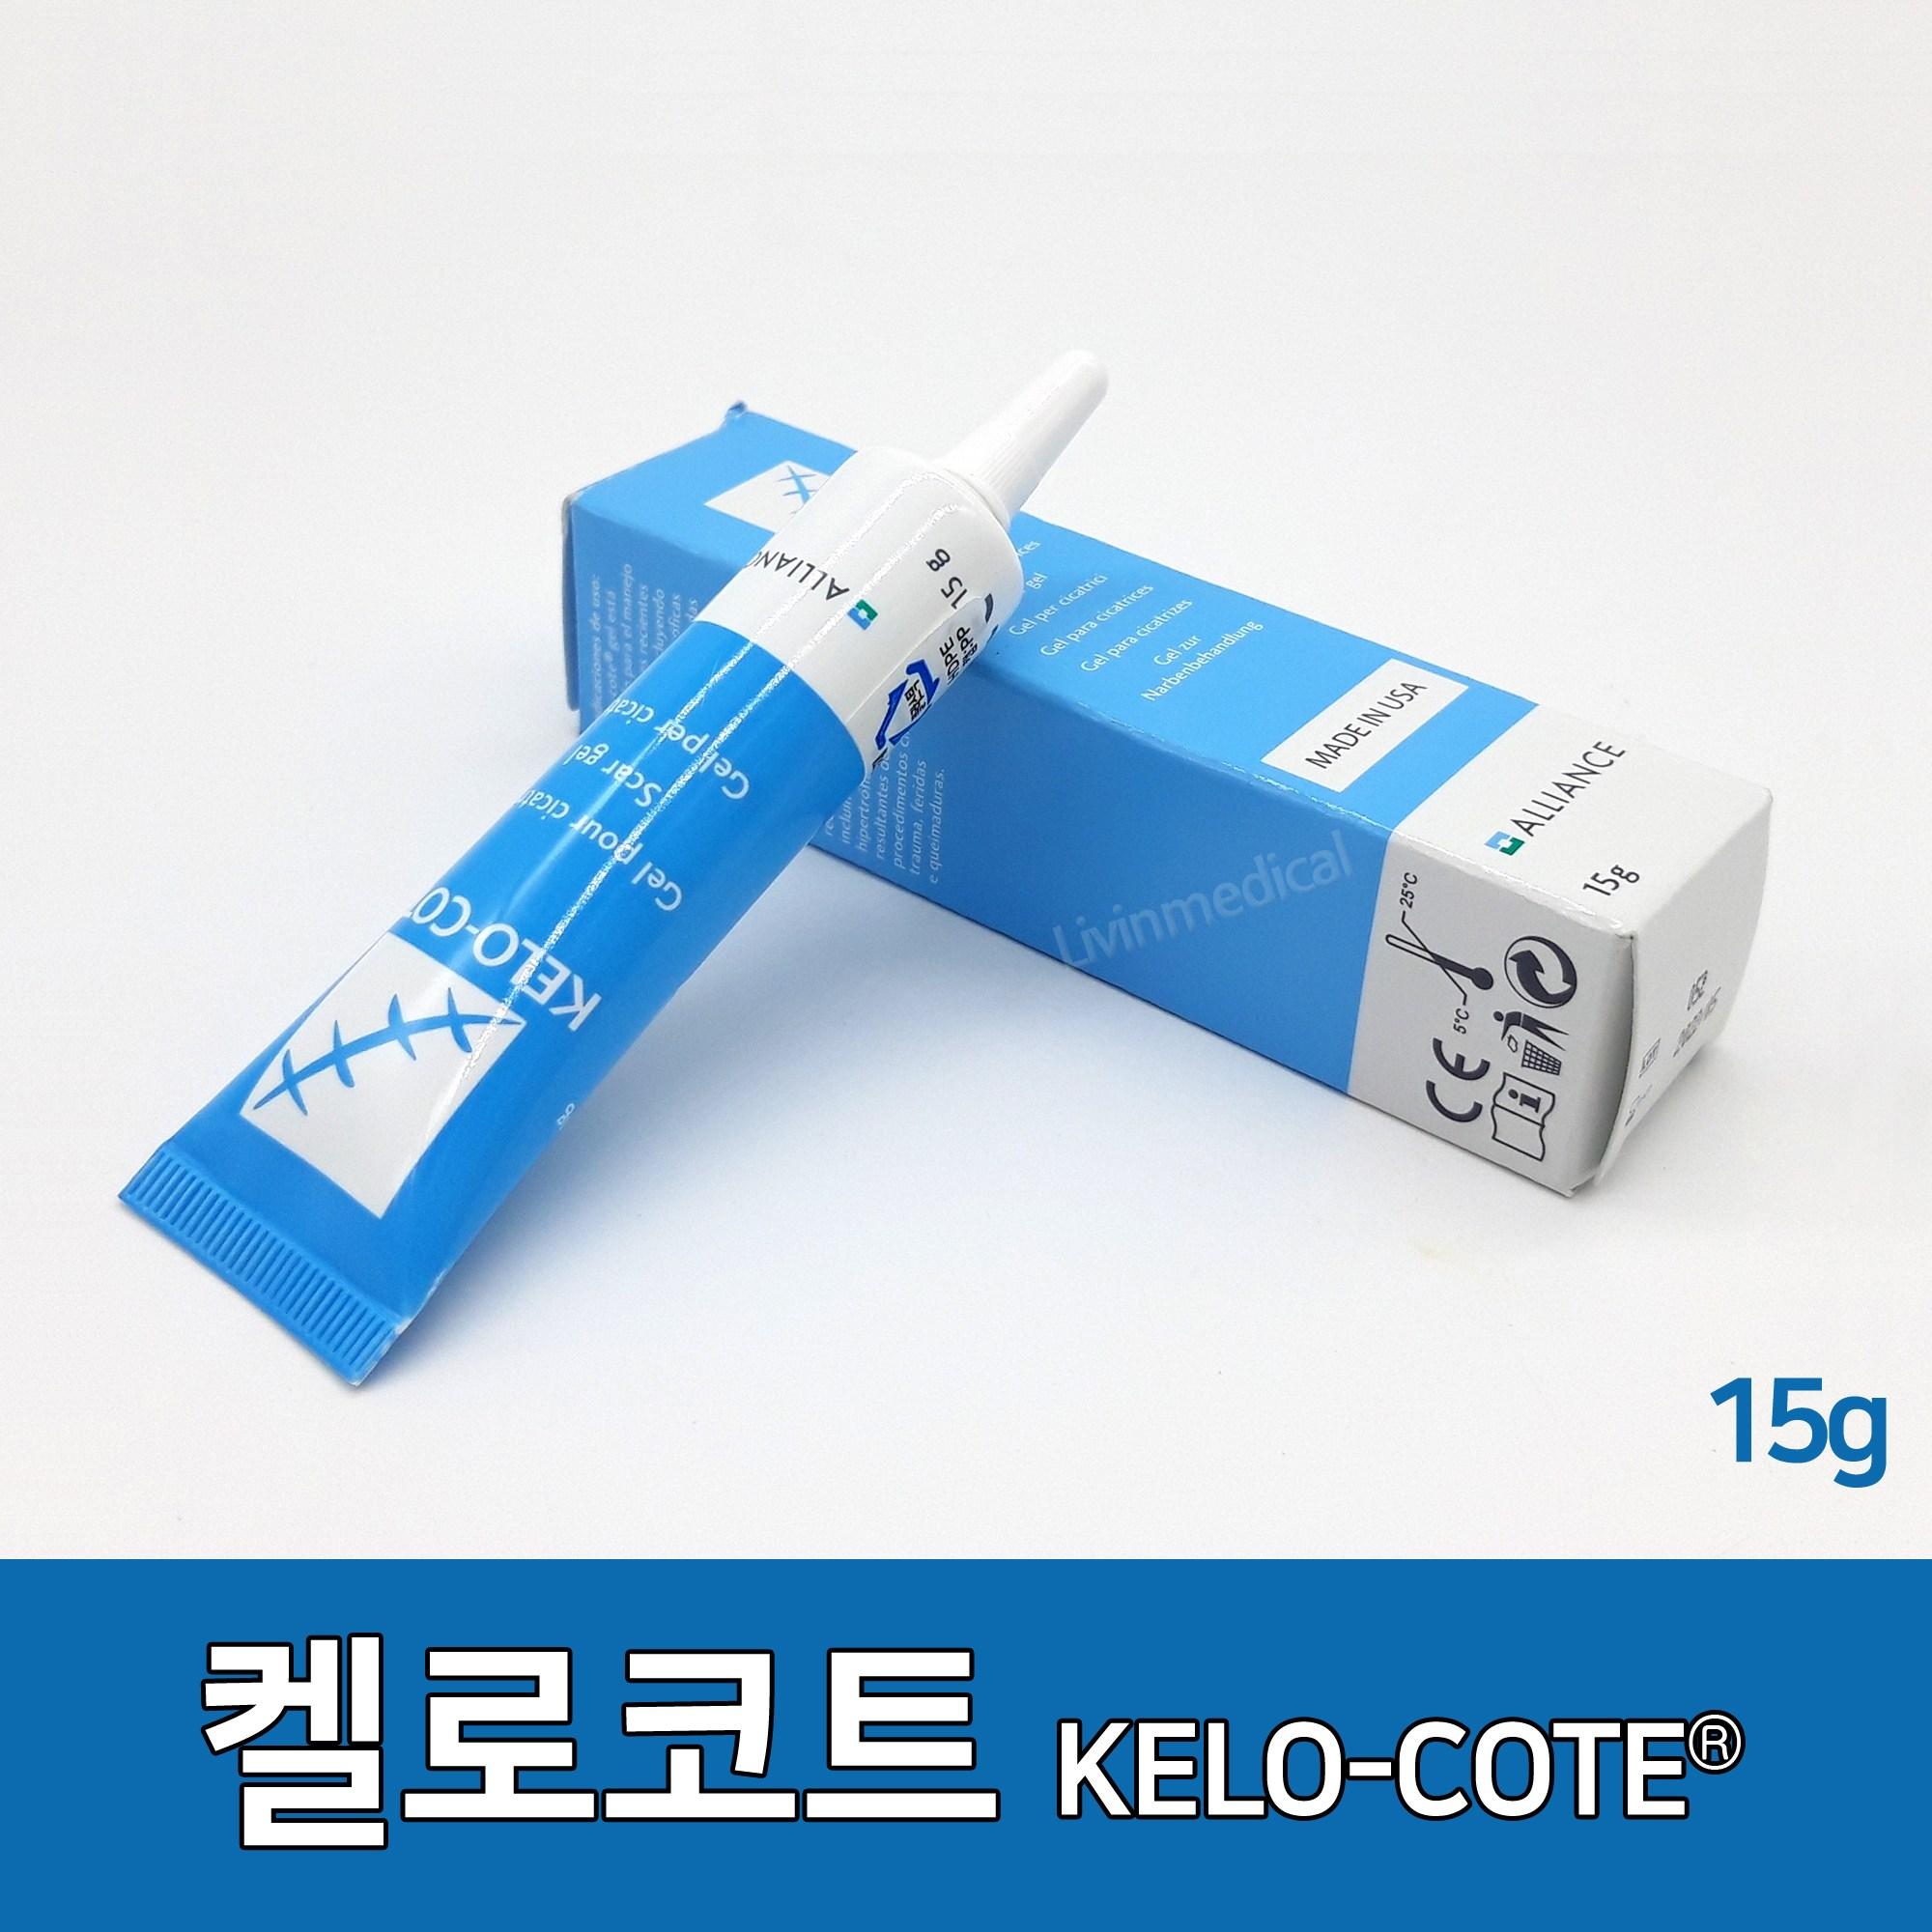 켈로코트 15g 1개 미국정식 수입제품 흉터 관리 (POP 5220845966)